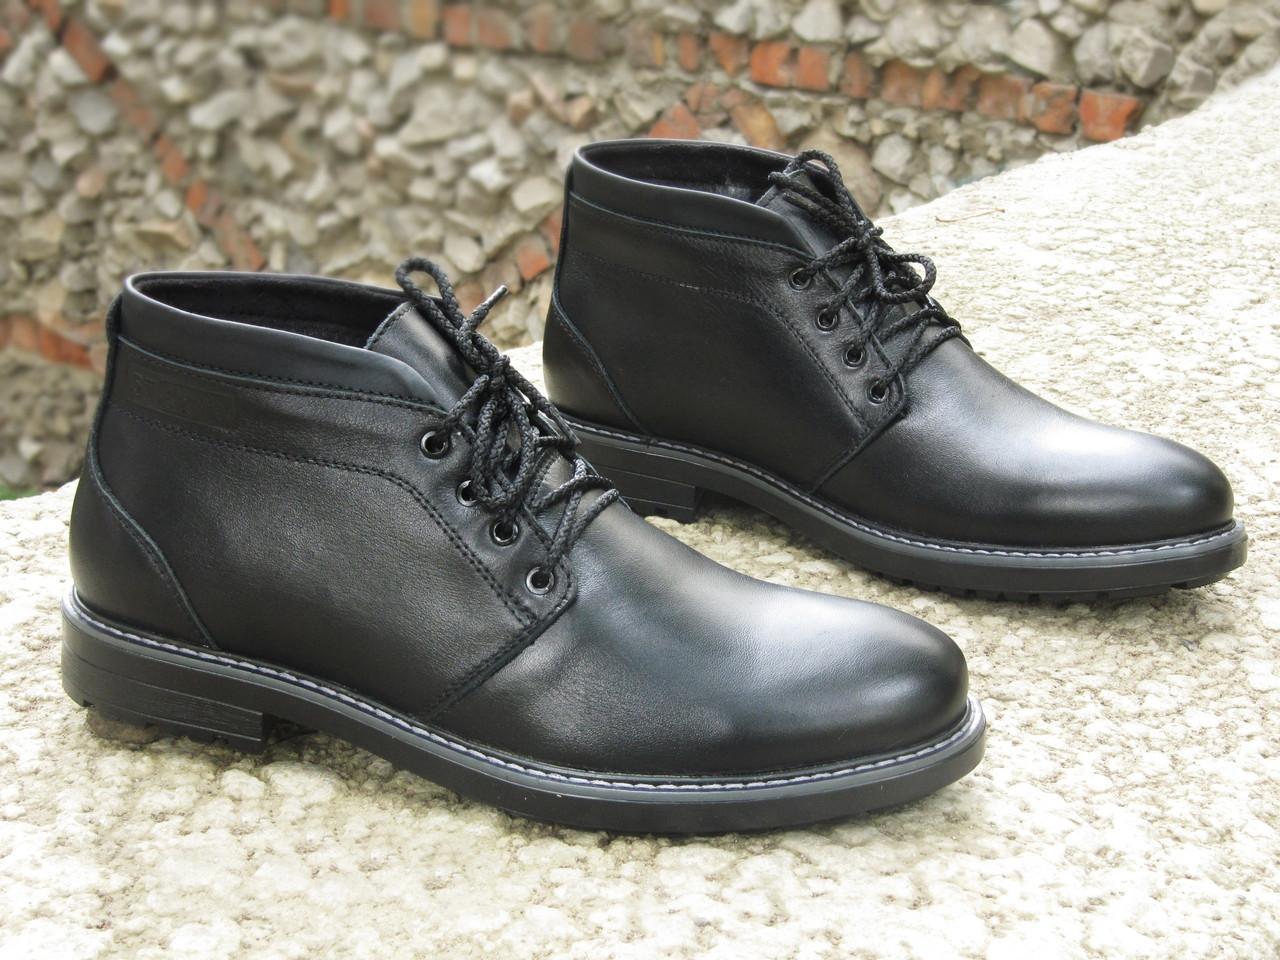 Зимові черевики Дезерт чоловічі чорні шкіряні розмір 40, 41, 42, 43, 44, 45